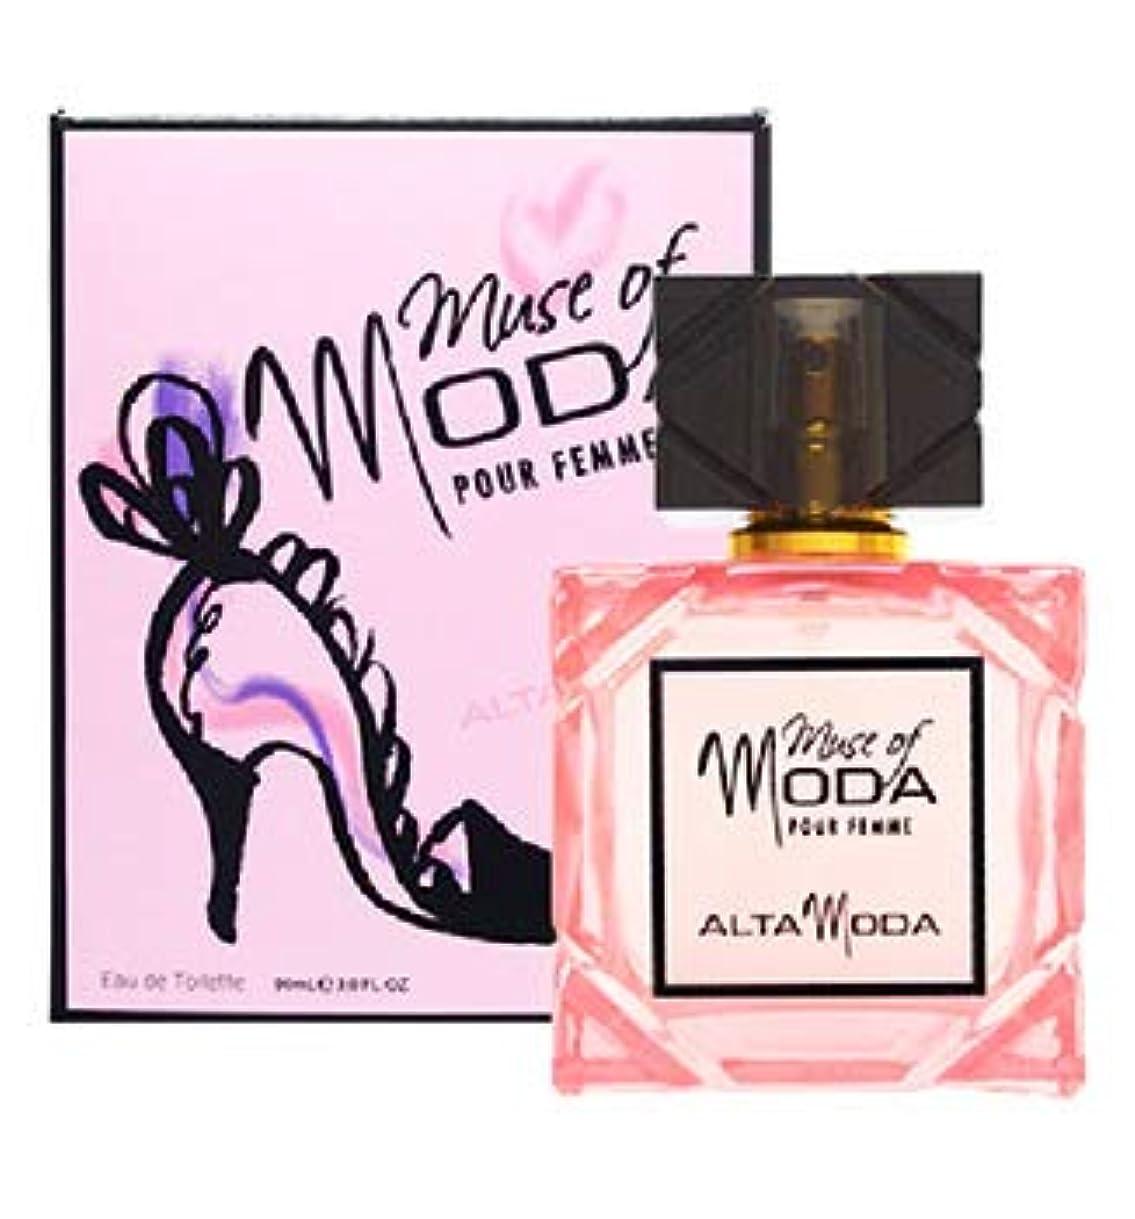 証言プライムドメインメイクアップ アルタモーダ ミューズオブモーダ オードトワレ (90mL) 香水 フレグランス